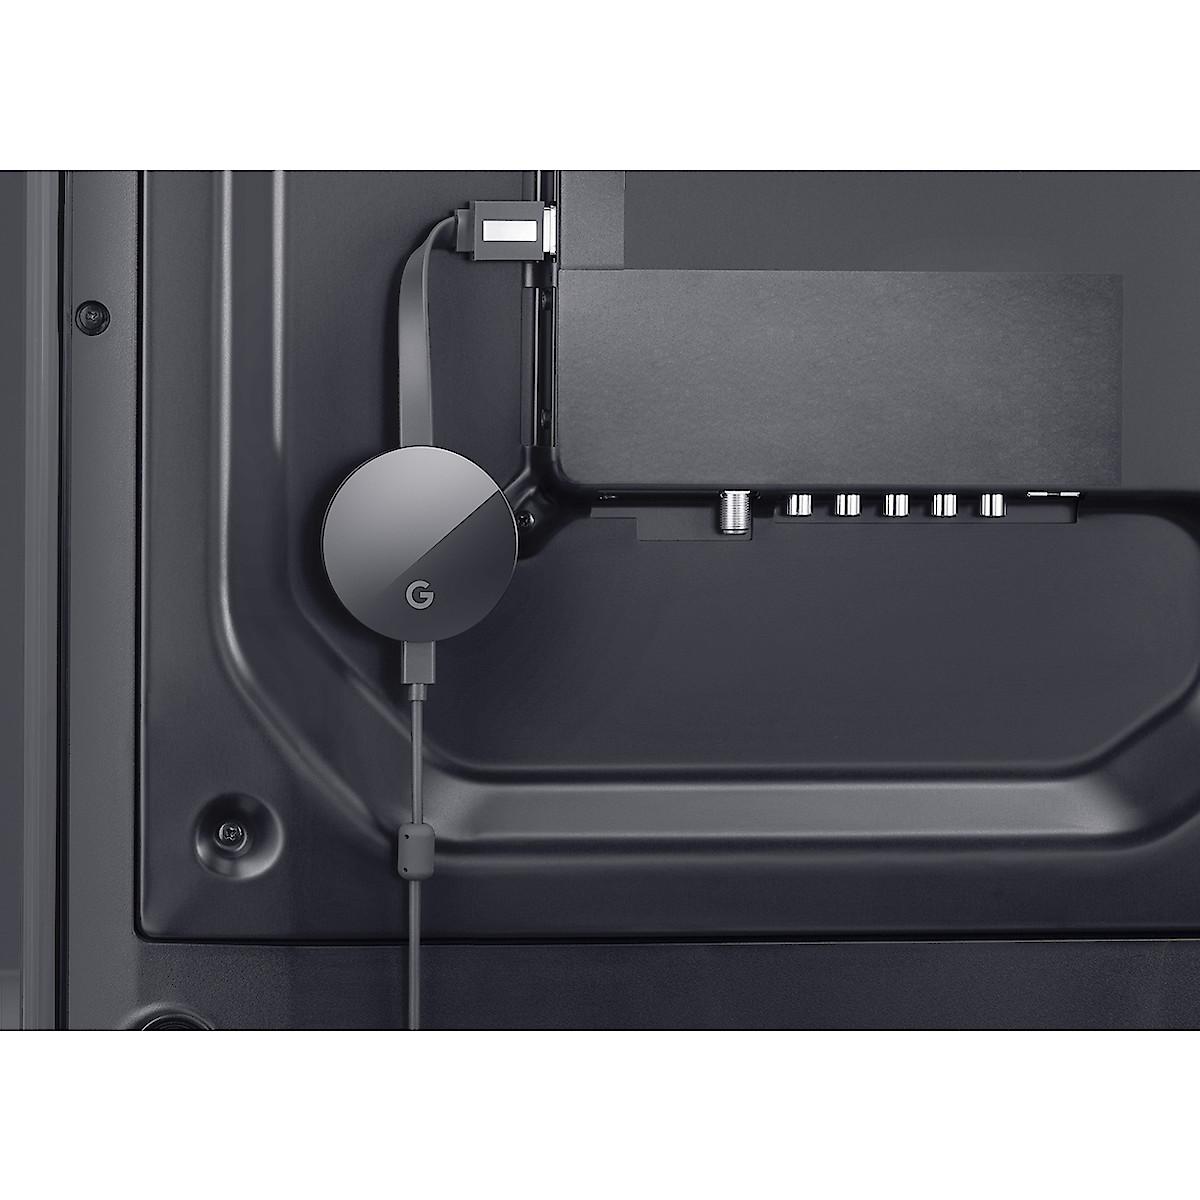 Google Chromecast Ultra mediespiller